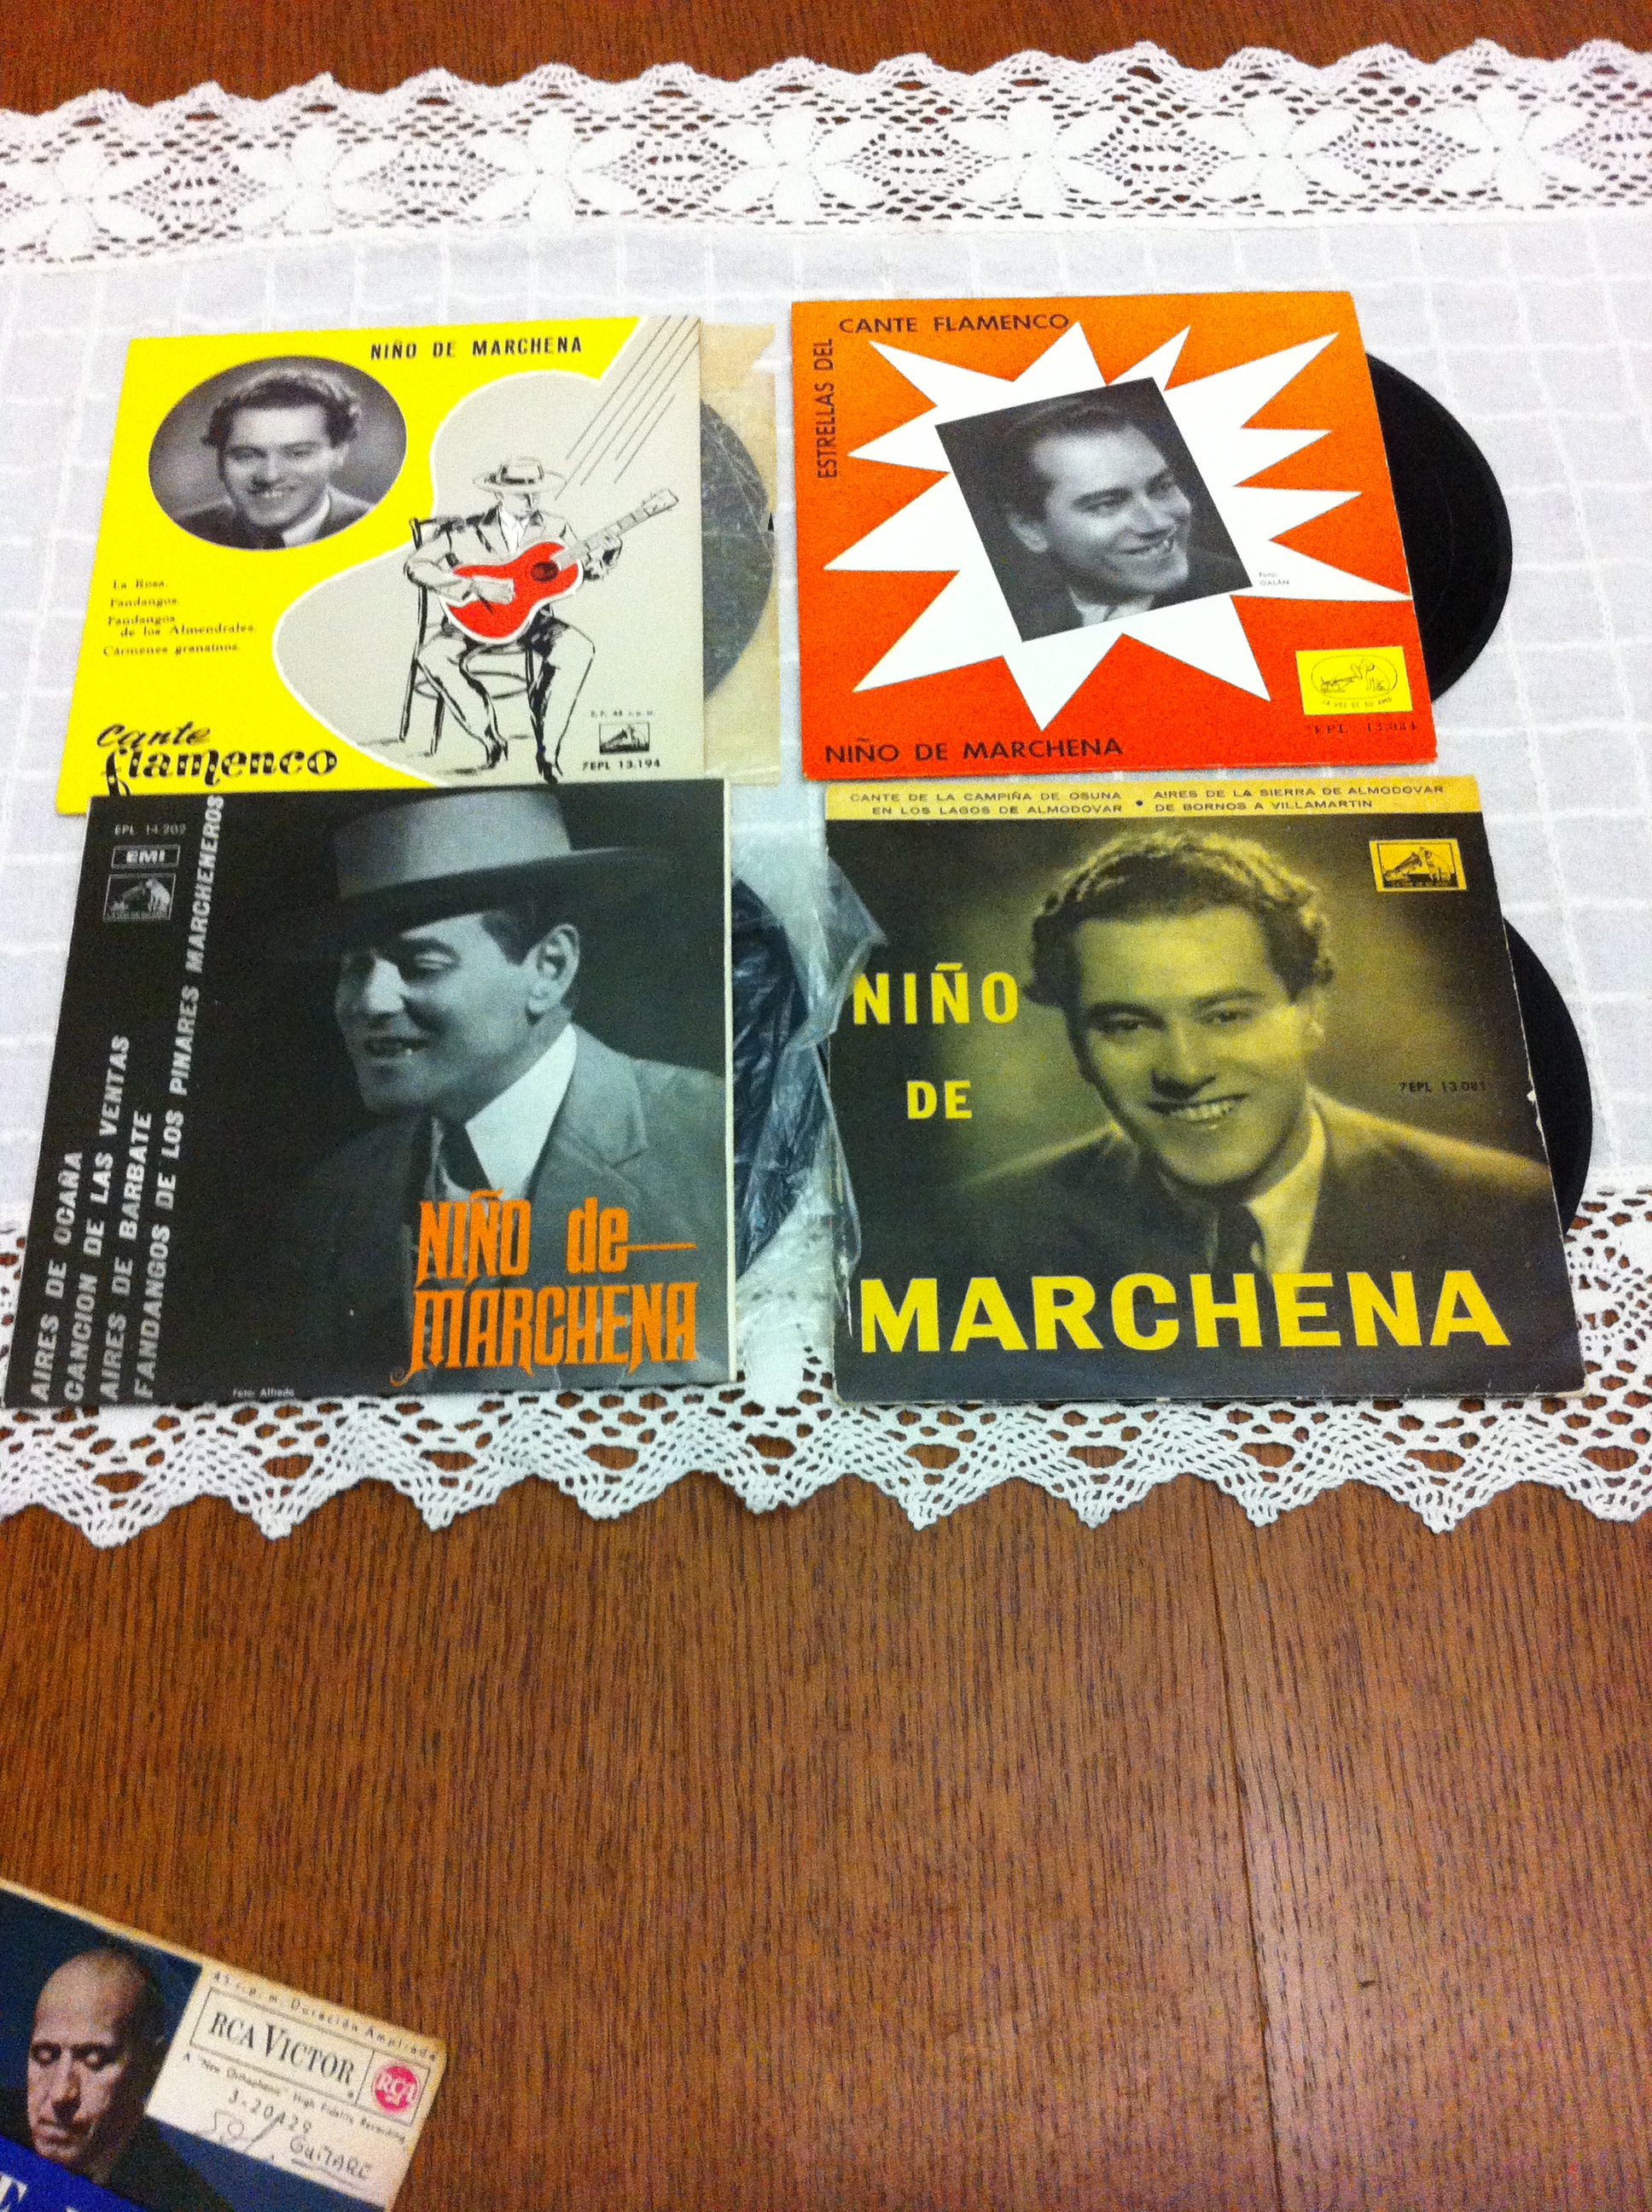 Flamenco cassette et disque vinyle   - Page 4 14022310075814950712010089